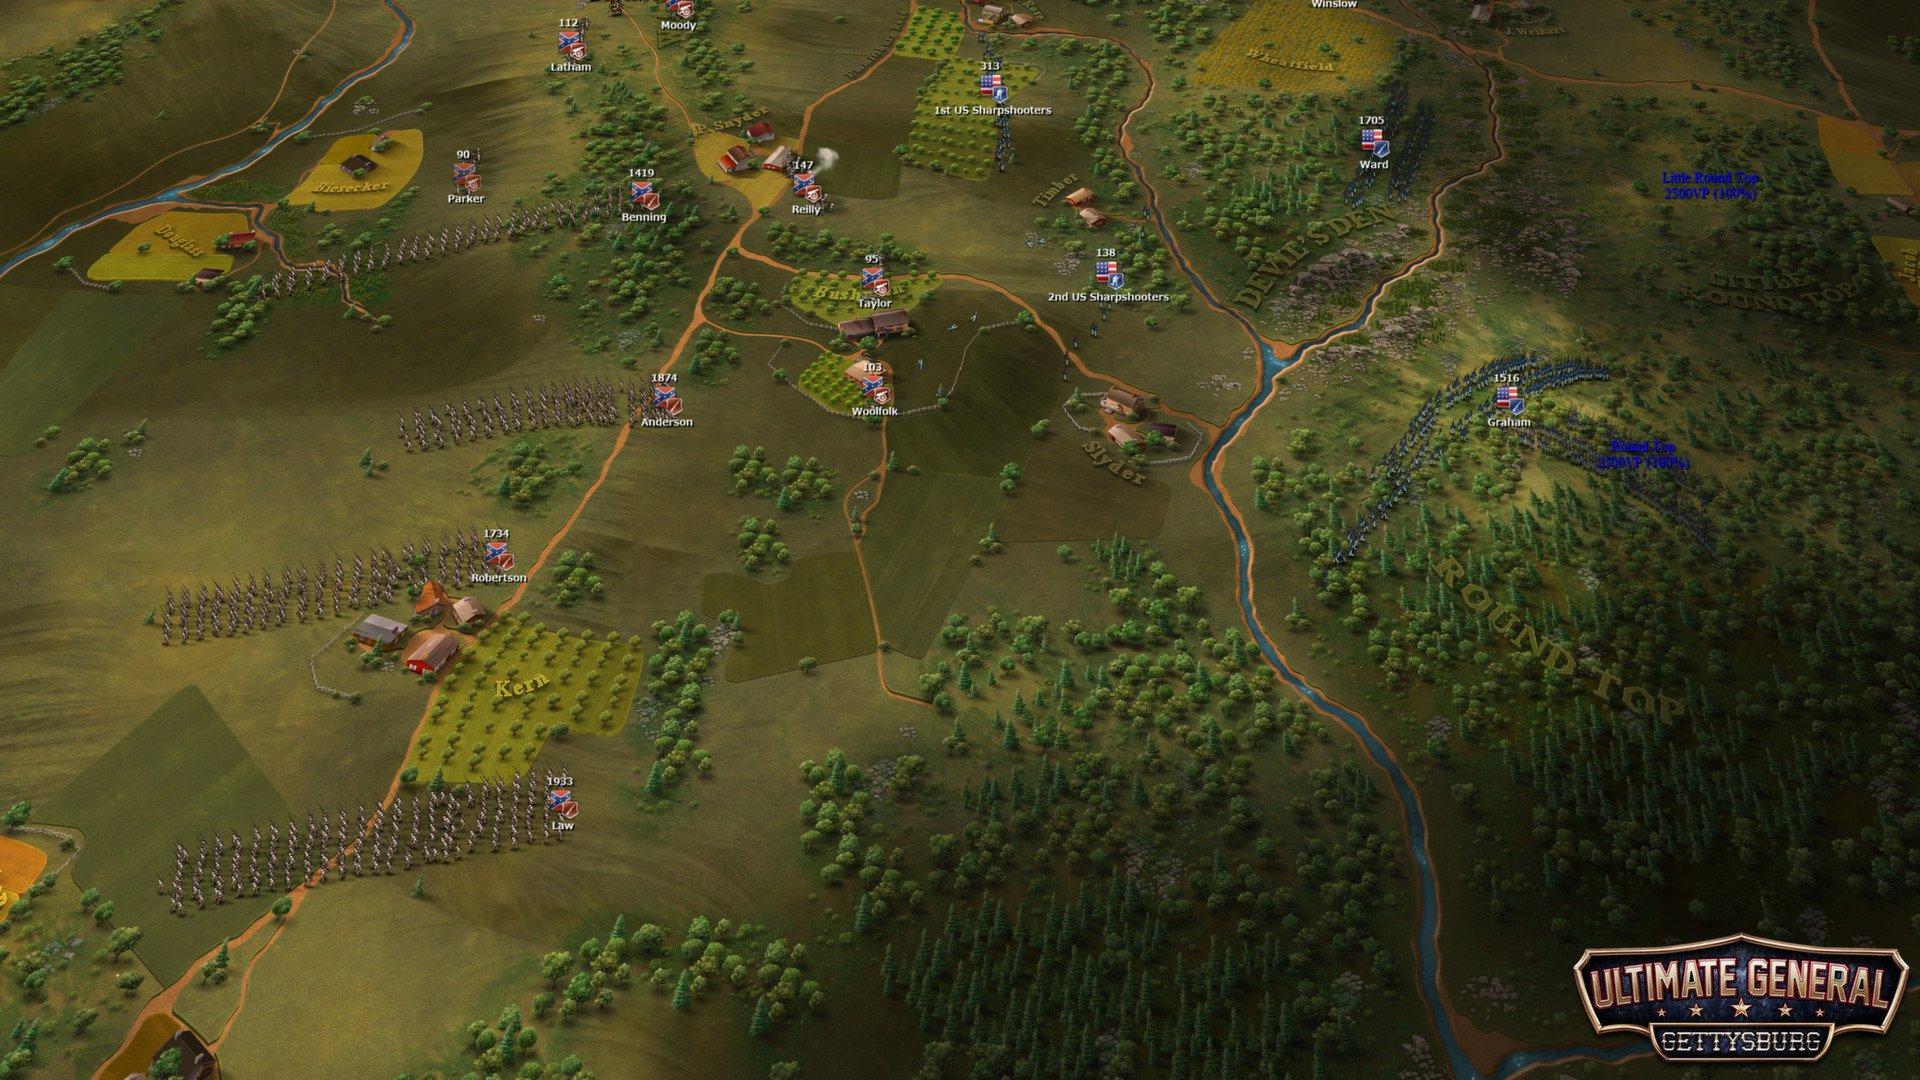 Ultimate General Gettysburg 12